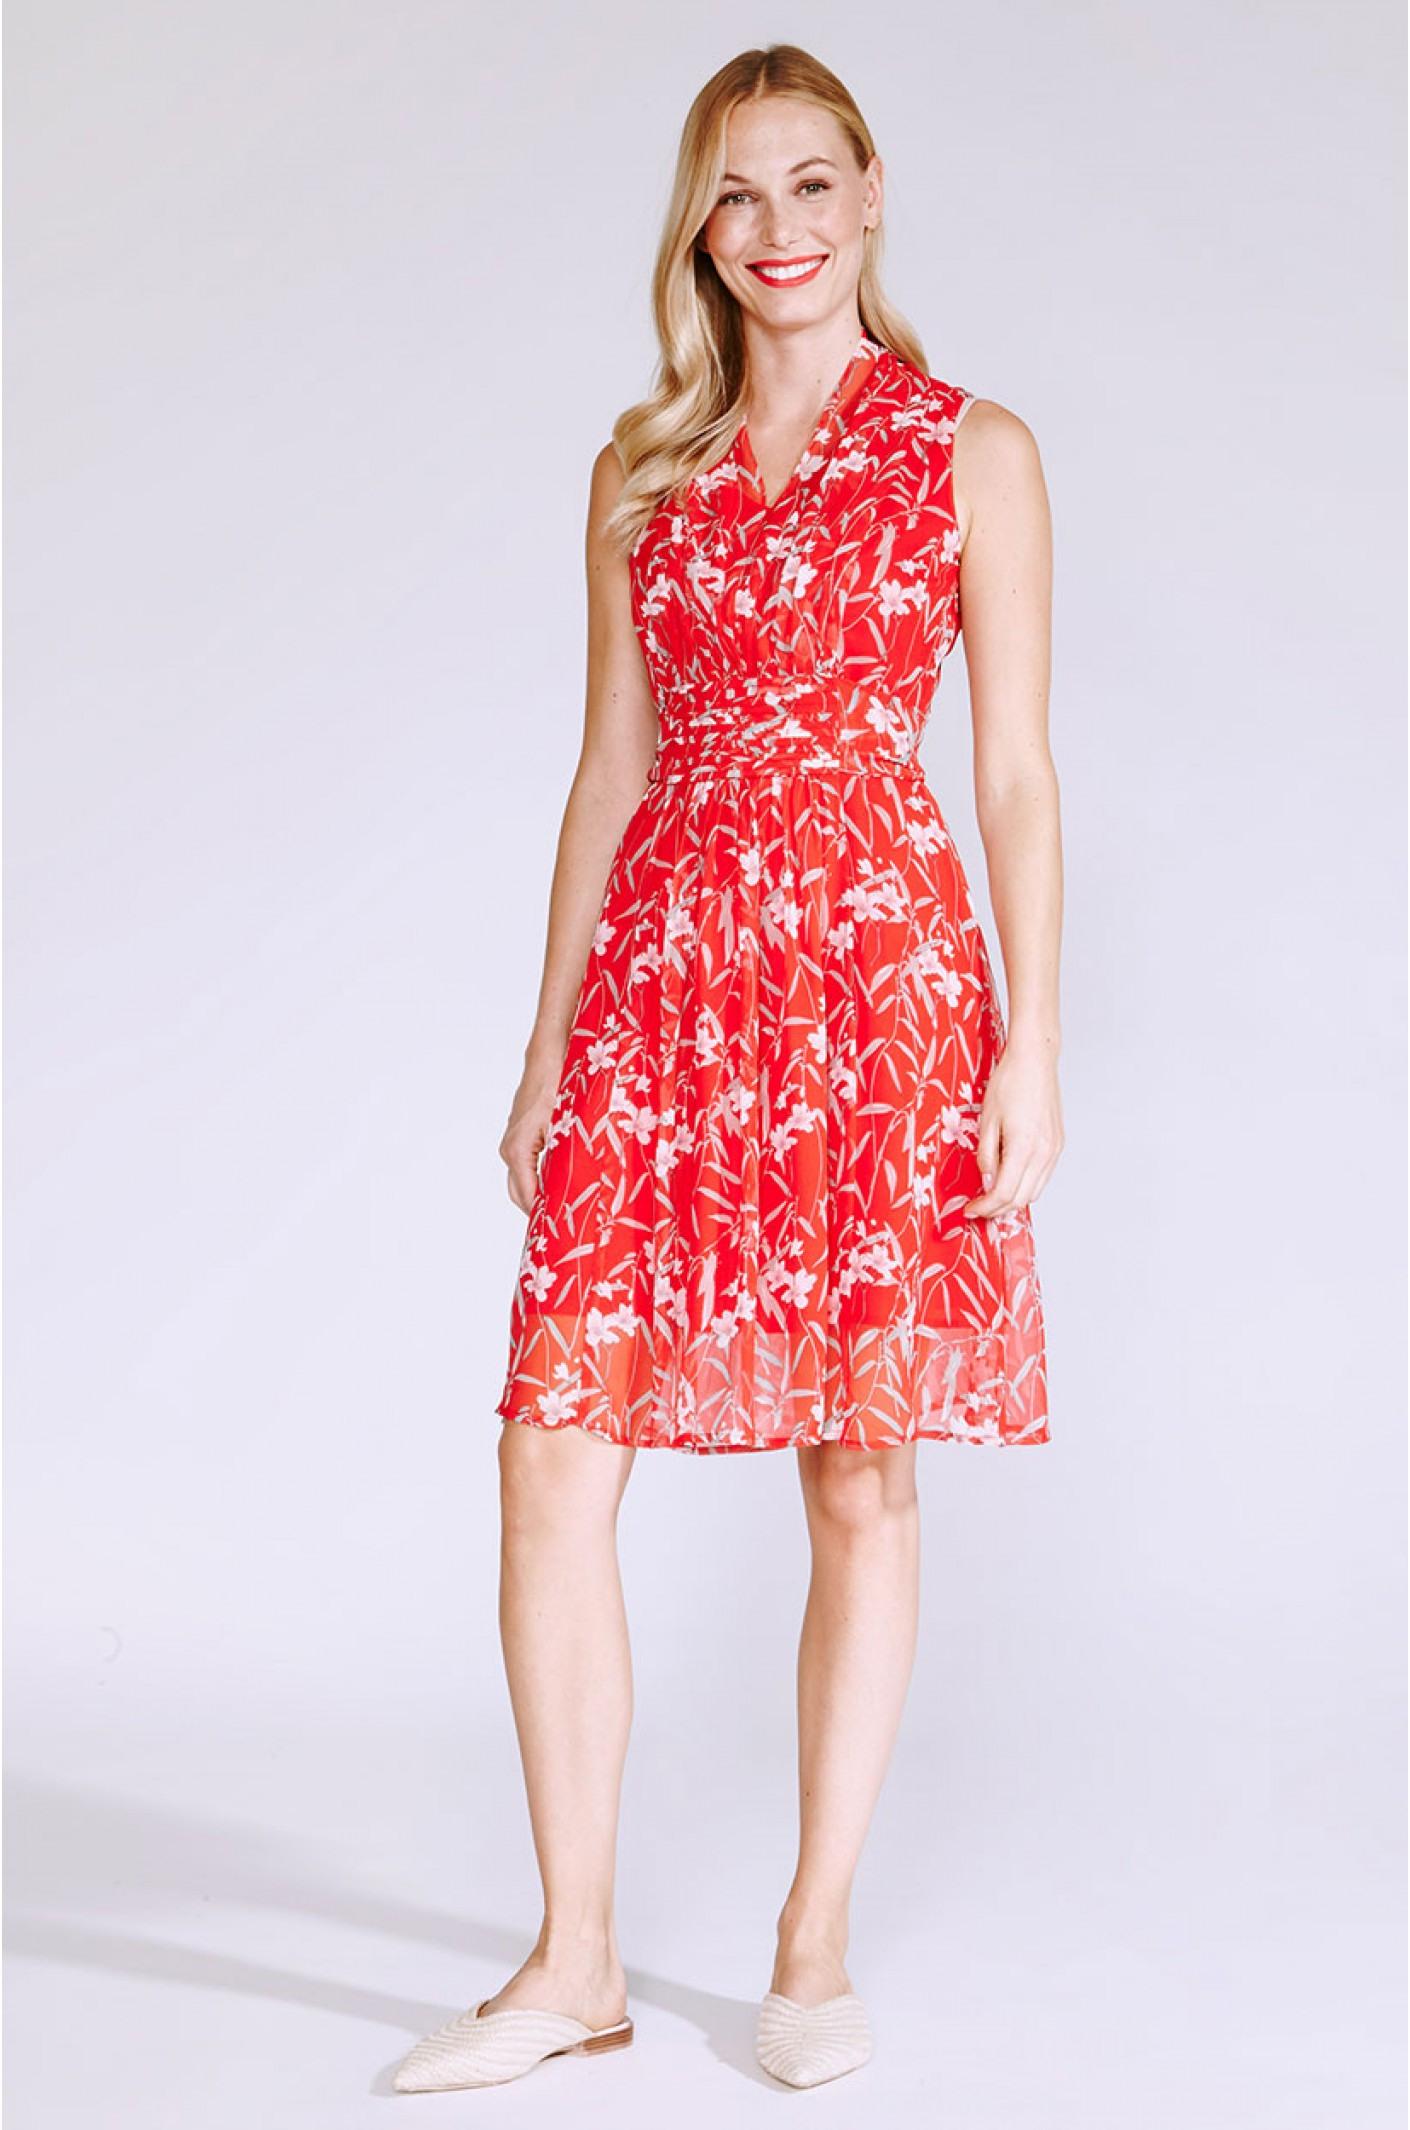 Coolste Sommerkleid Rot Vertrieb15 Genial Sommerkleid Rot Boutique